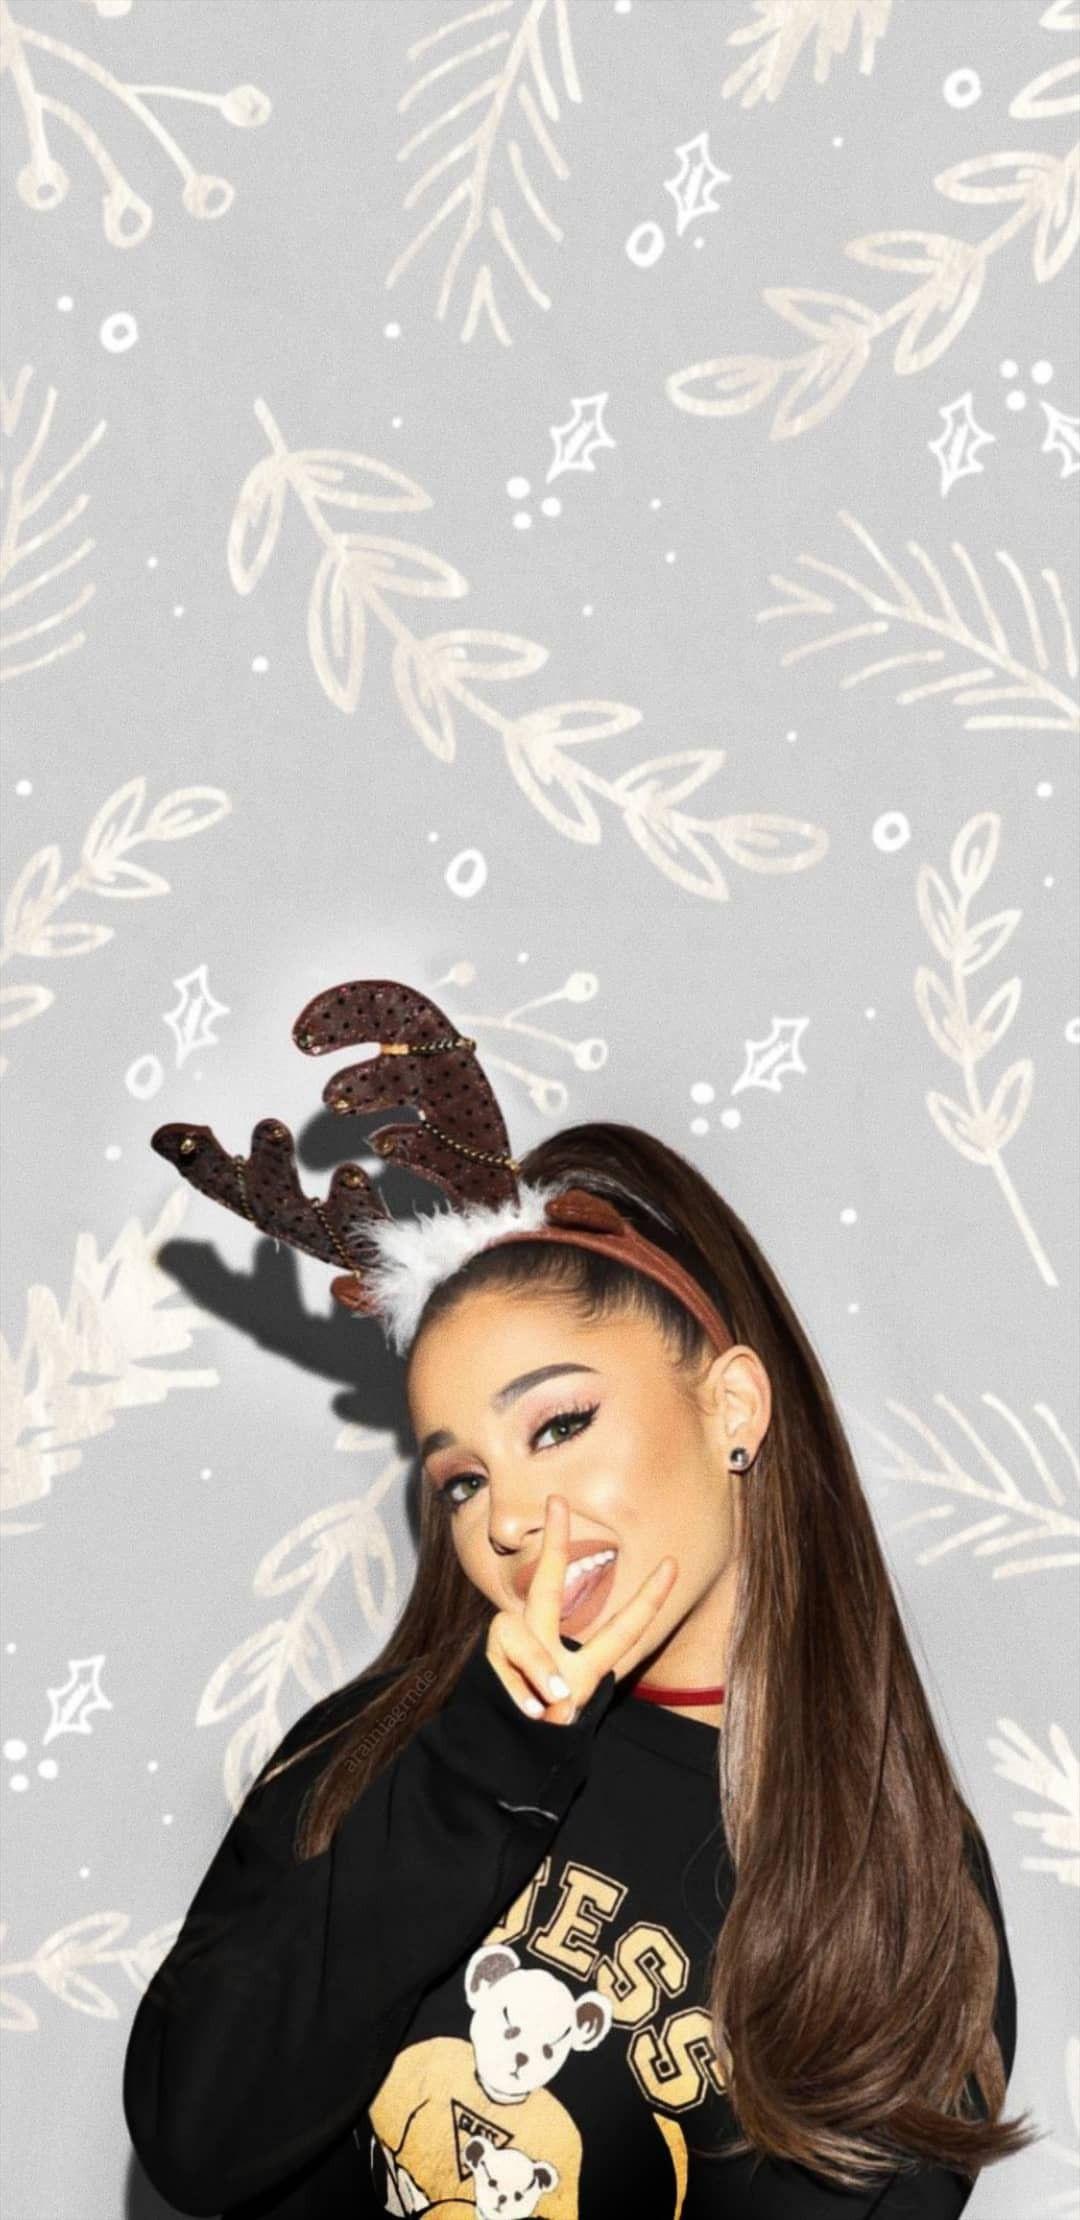 Pin On Christmas Wallpapers